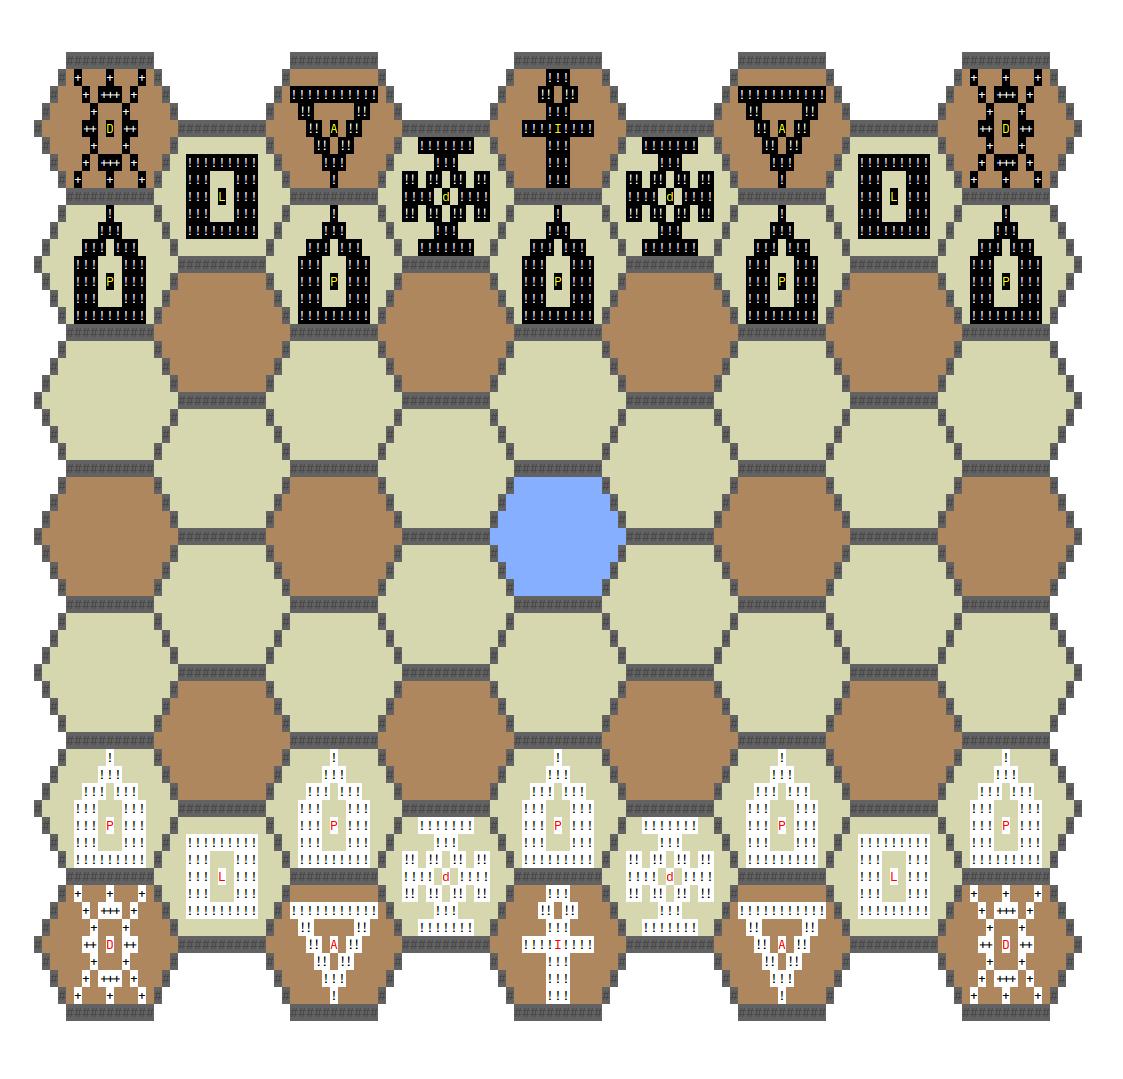 4 угла хорошо, а 6 лучше гексагональные шахматы в консоли и с ботом